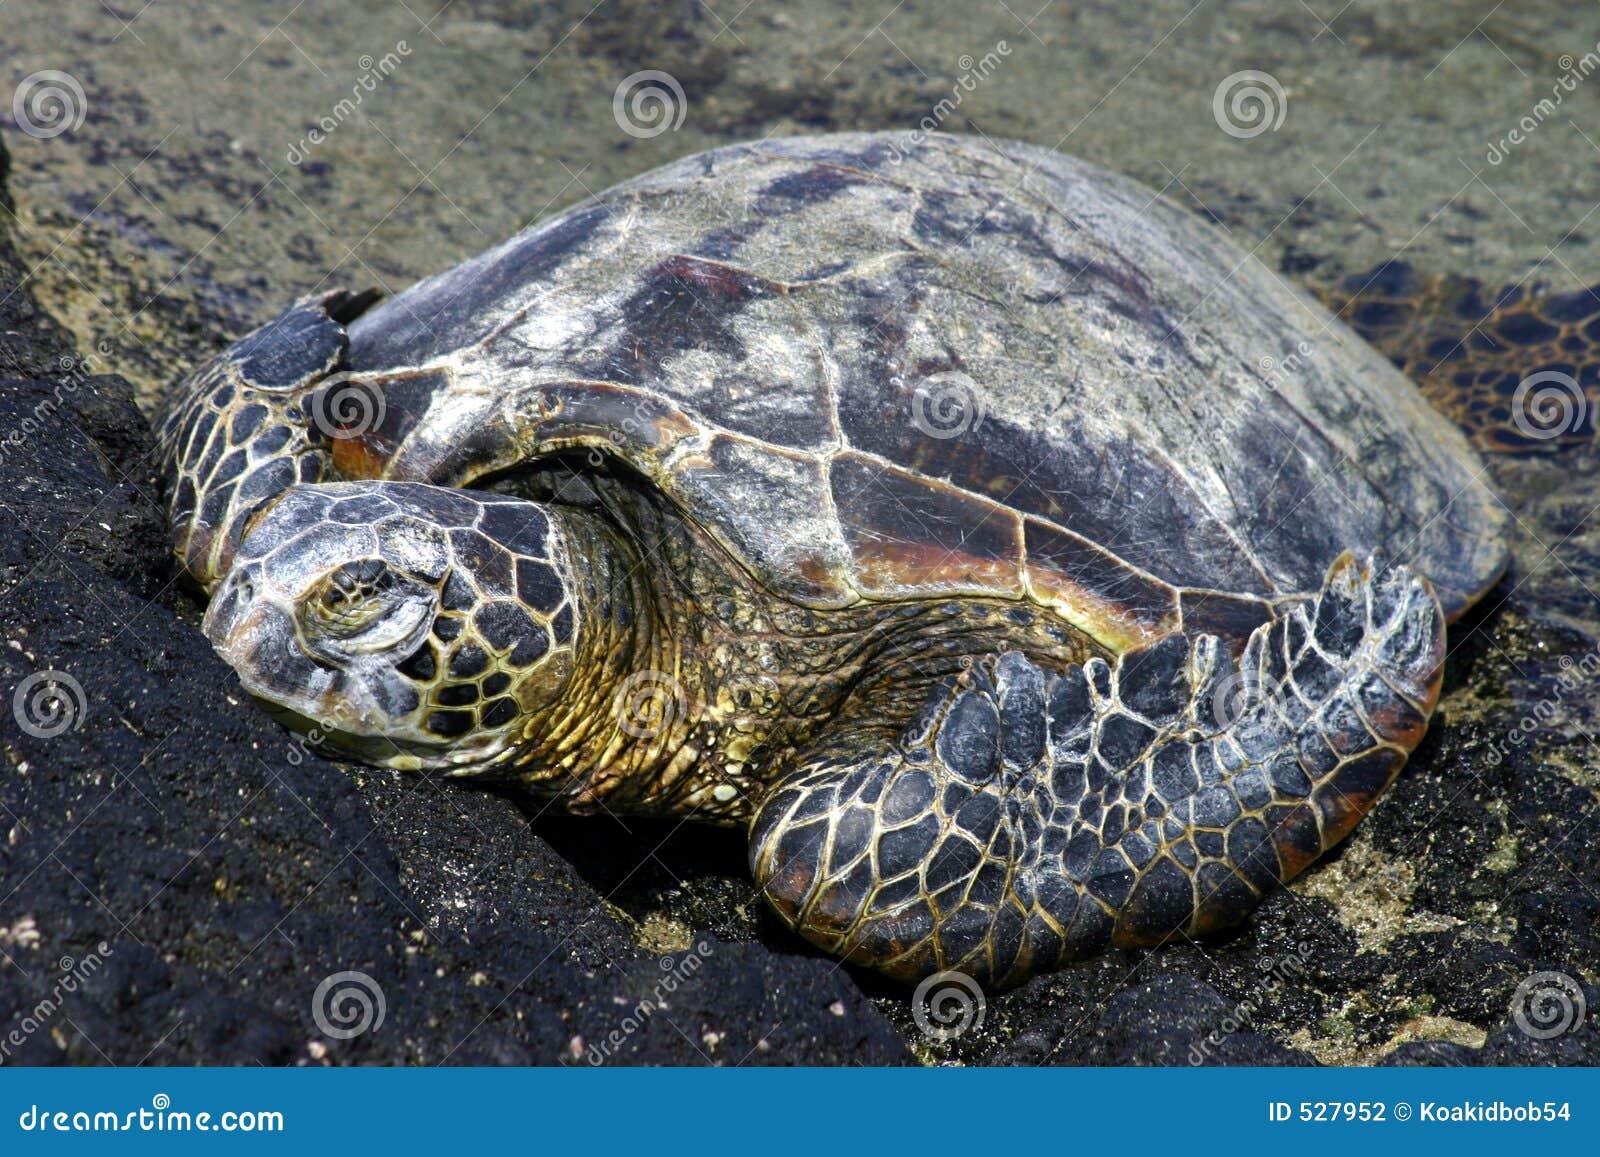 Download 取暖的绿海龟 库存照片. 图片 包括有 种类, 流浪汉, 夏威夷, 海岸线, 火箭筒, 休息, 被截肢者, 熔岩 - 527952